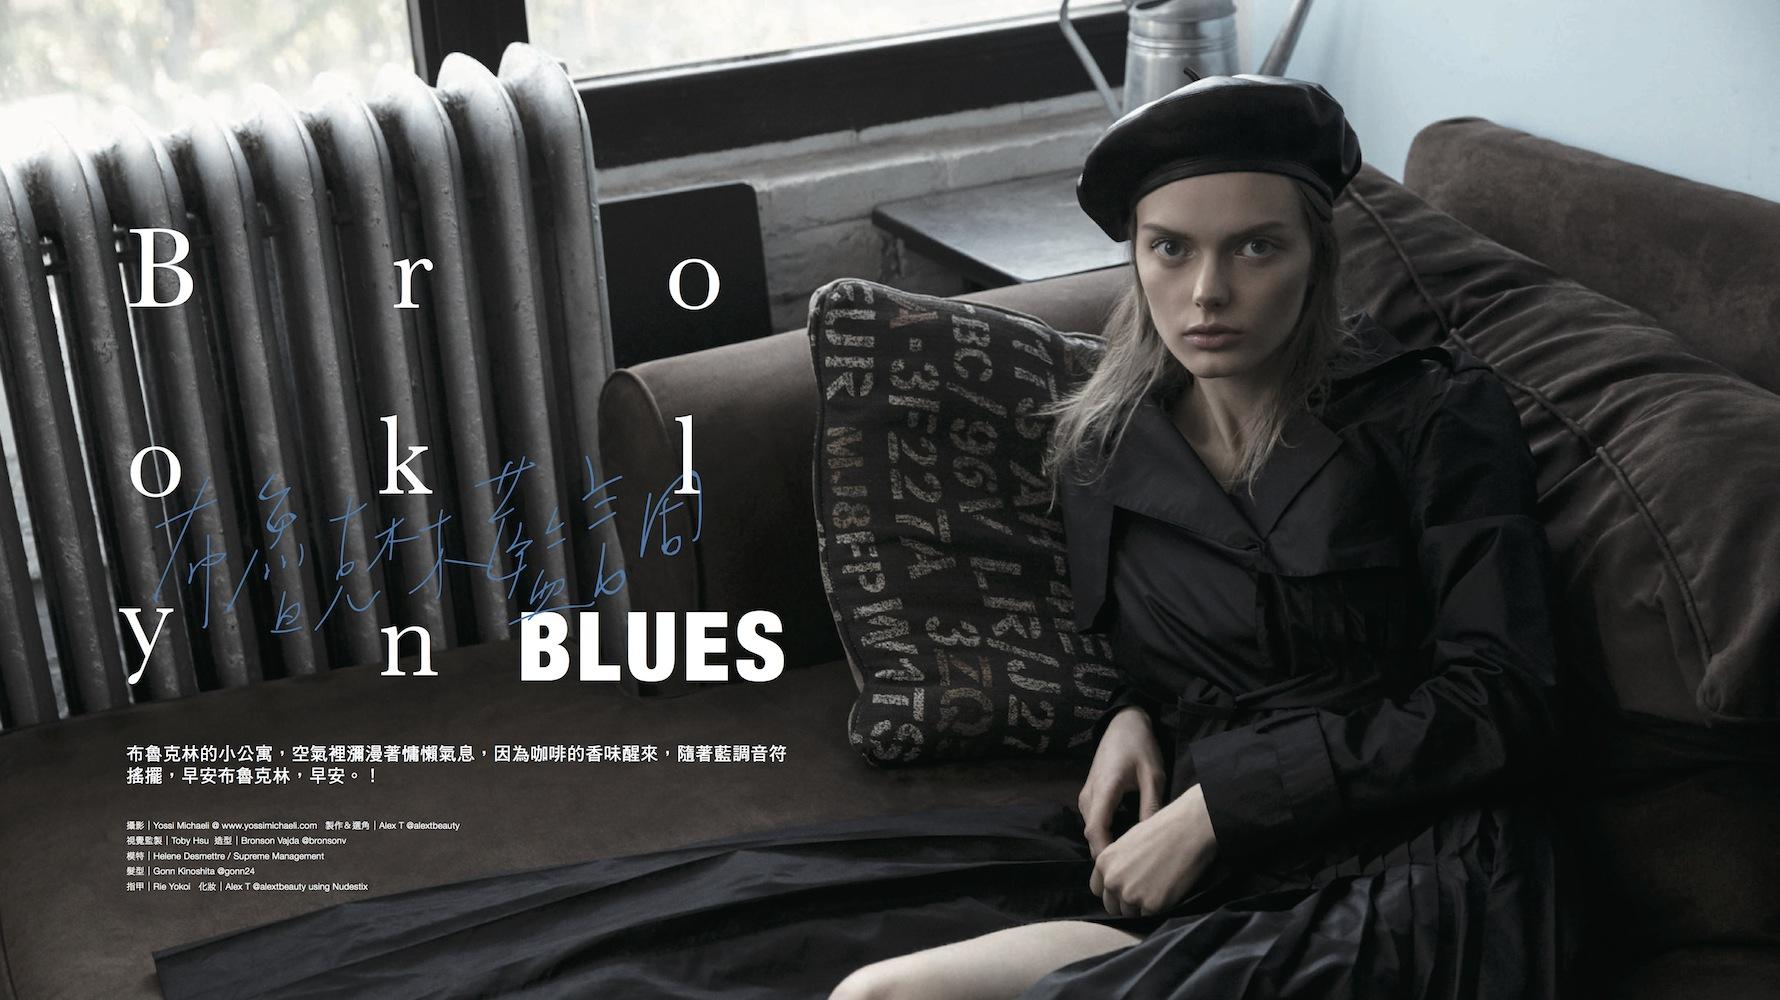 fashion well-上傳02 copy.jpg